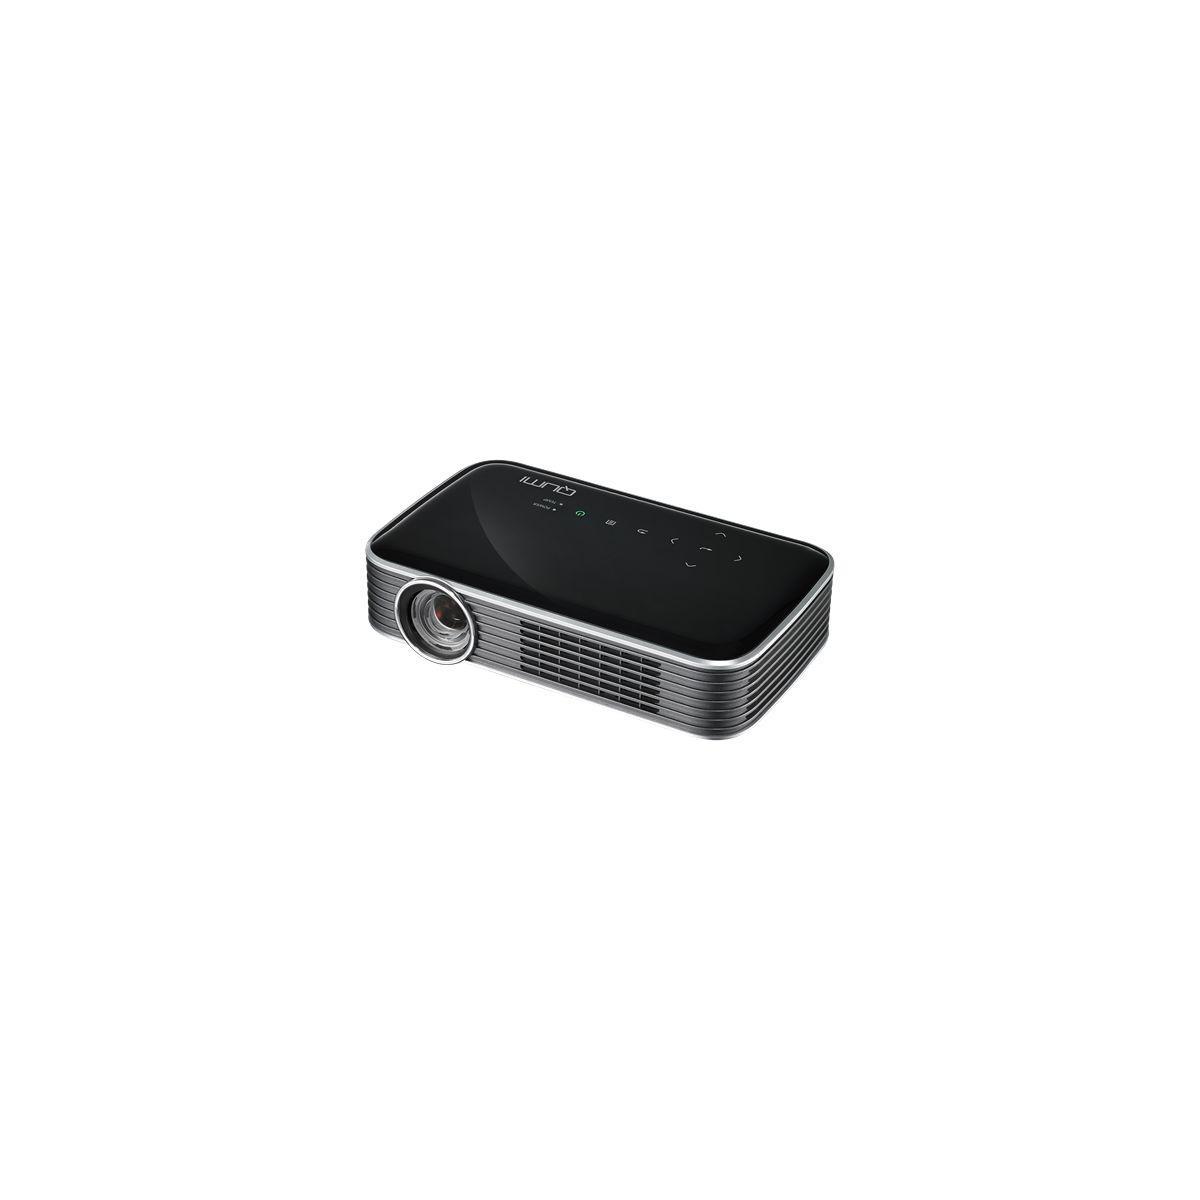 Vid?oprojecteur portable vivitek q8-bk noir